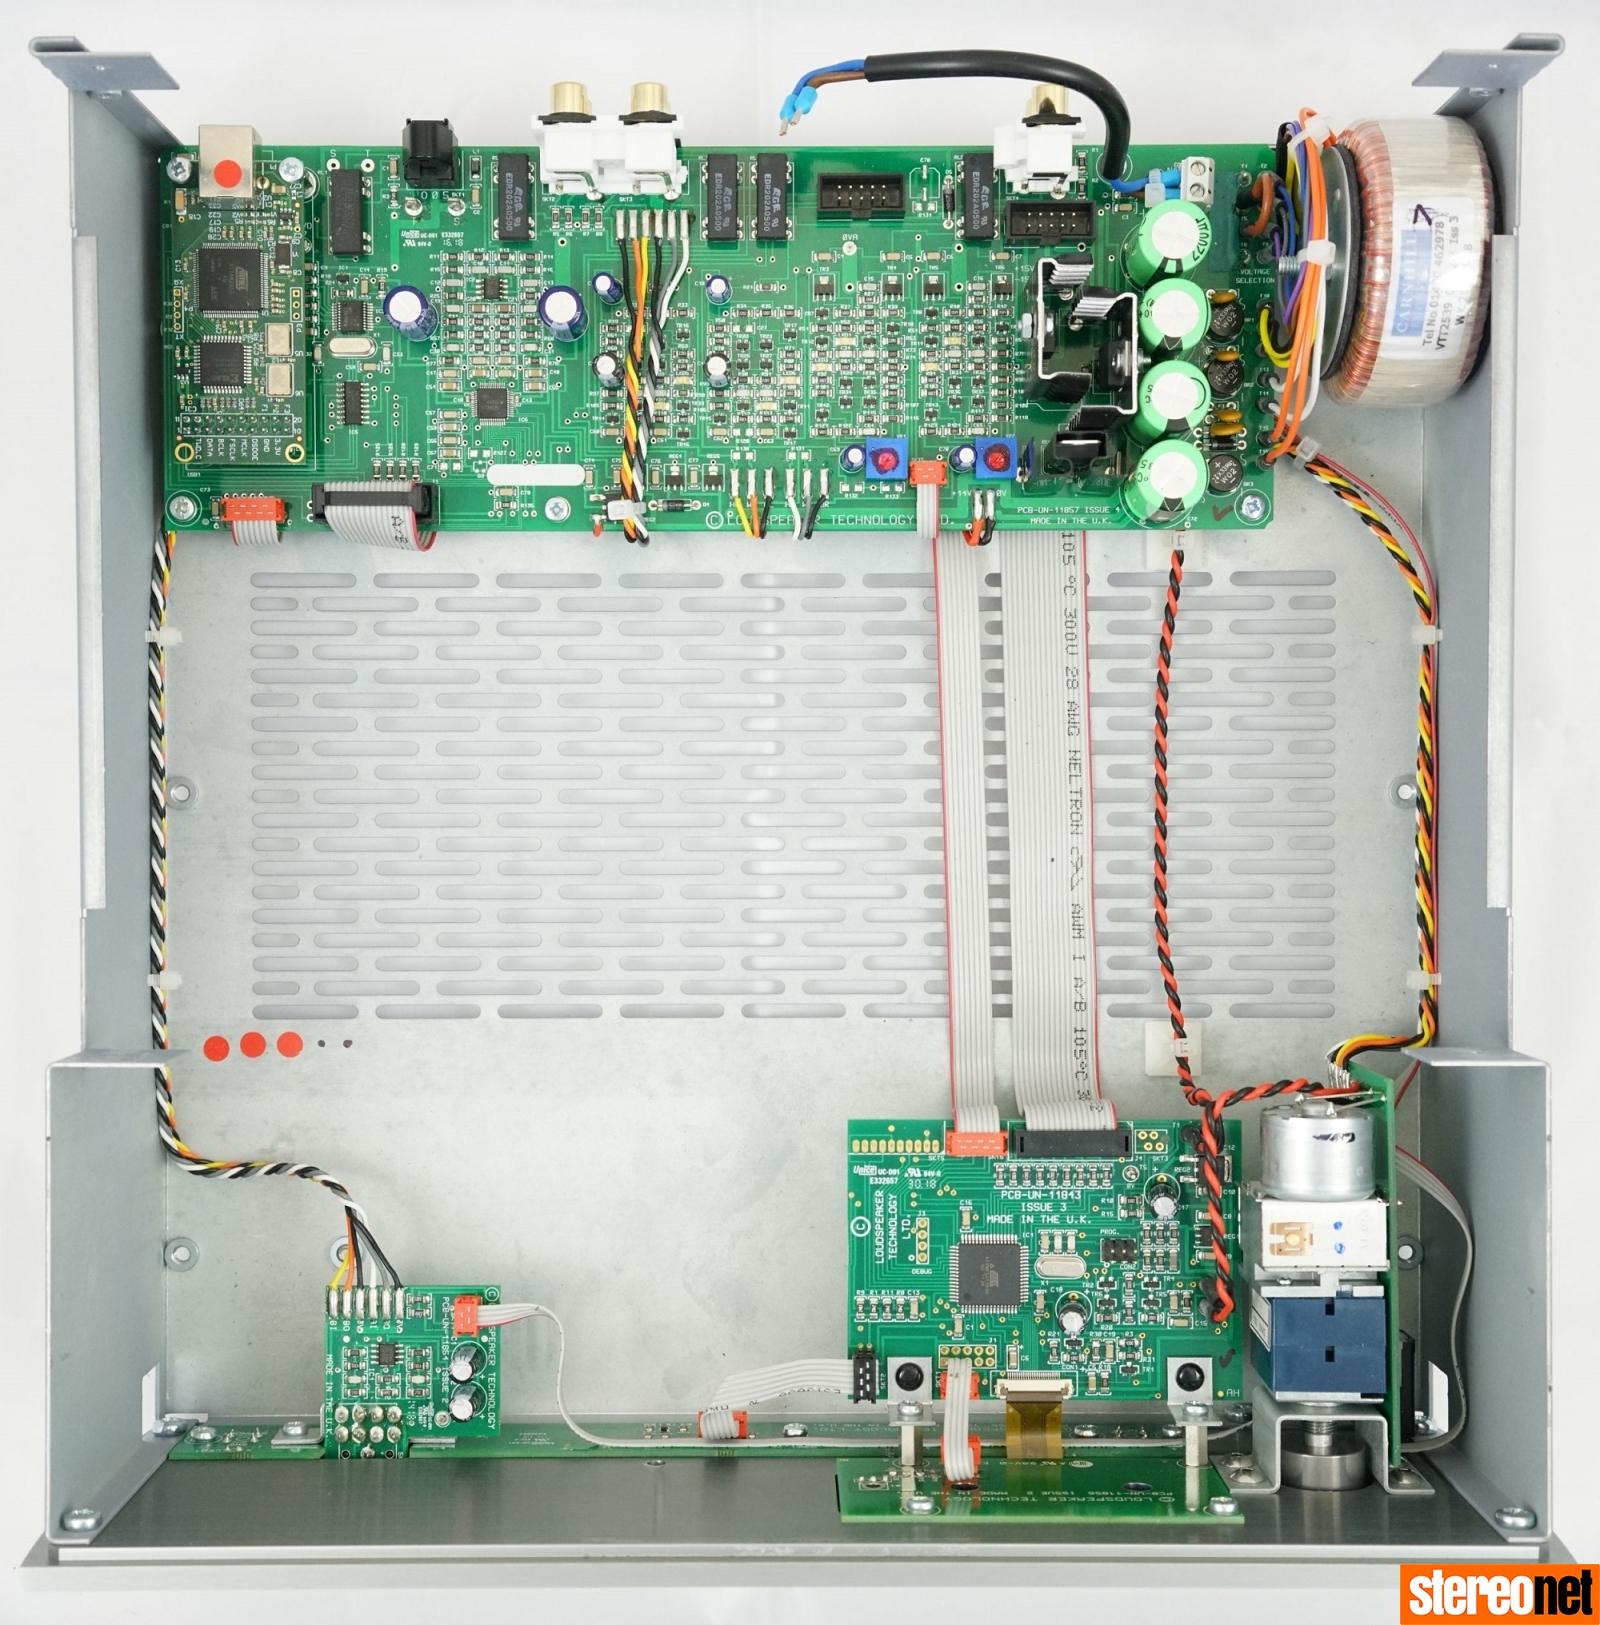 ATC SIA2-100 review